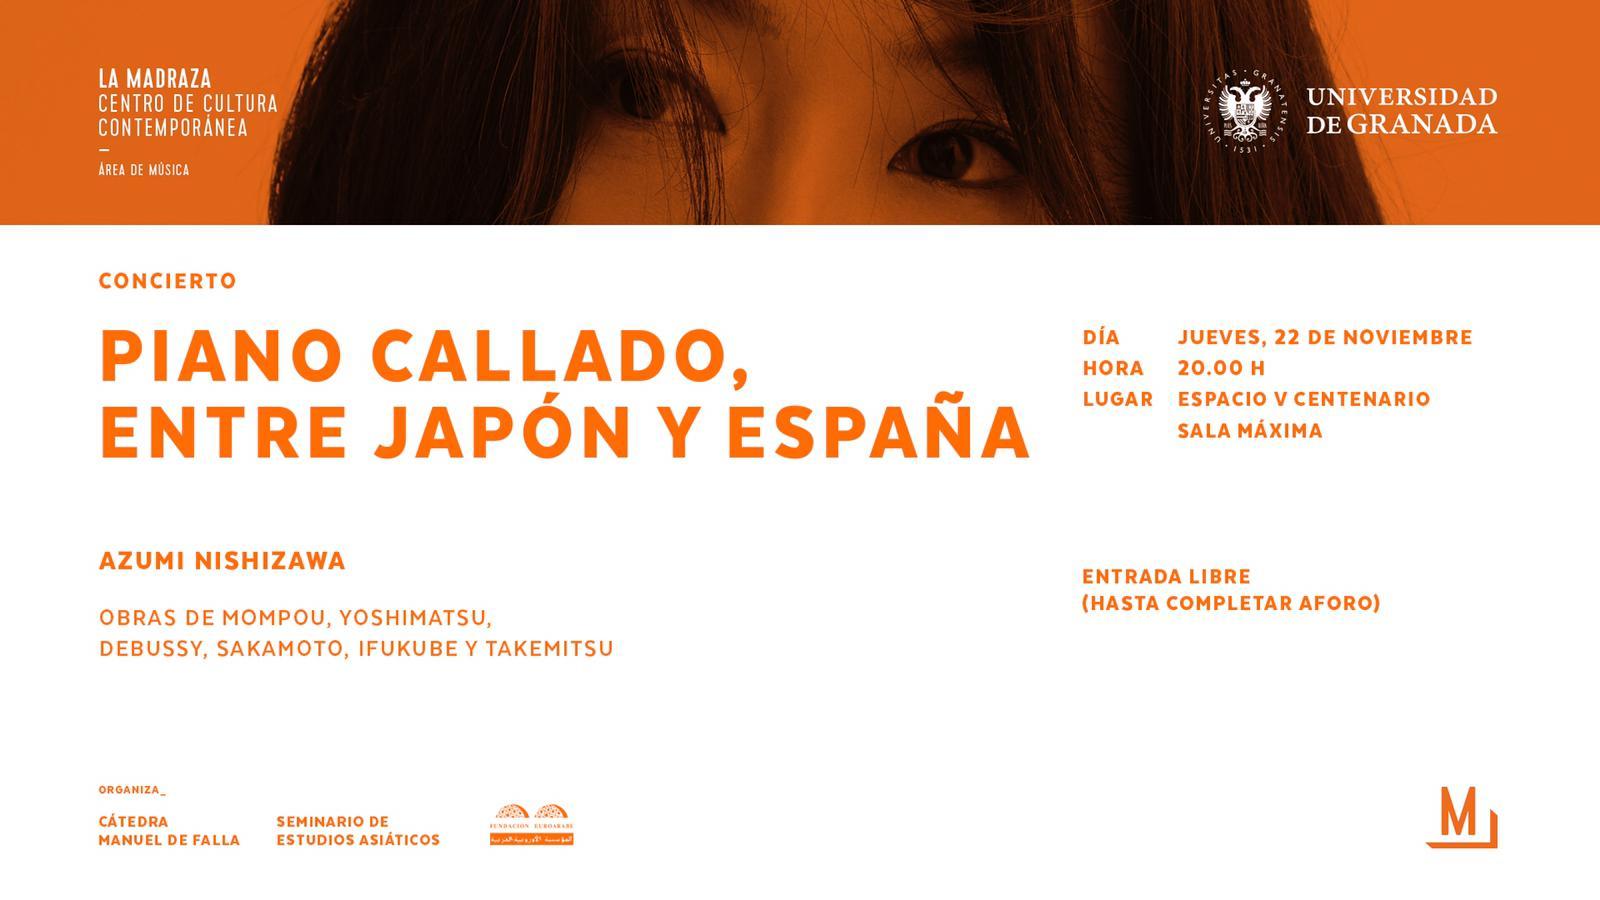 PIANO CALLADO, ENTRE JAPÓN Y ESPAÑA